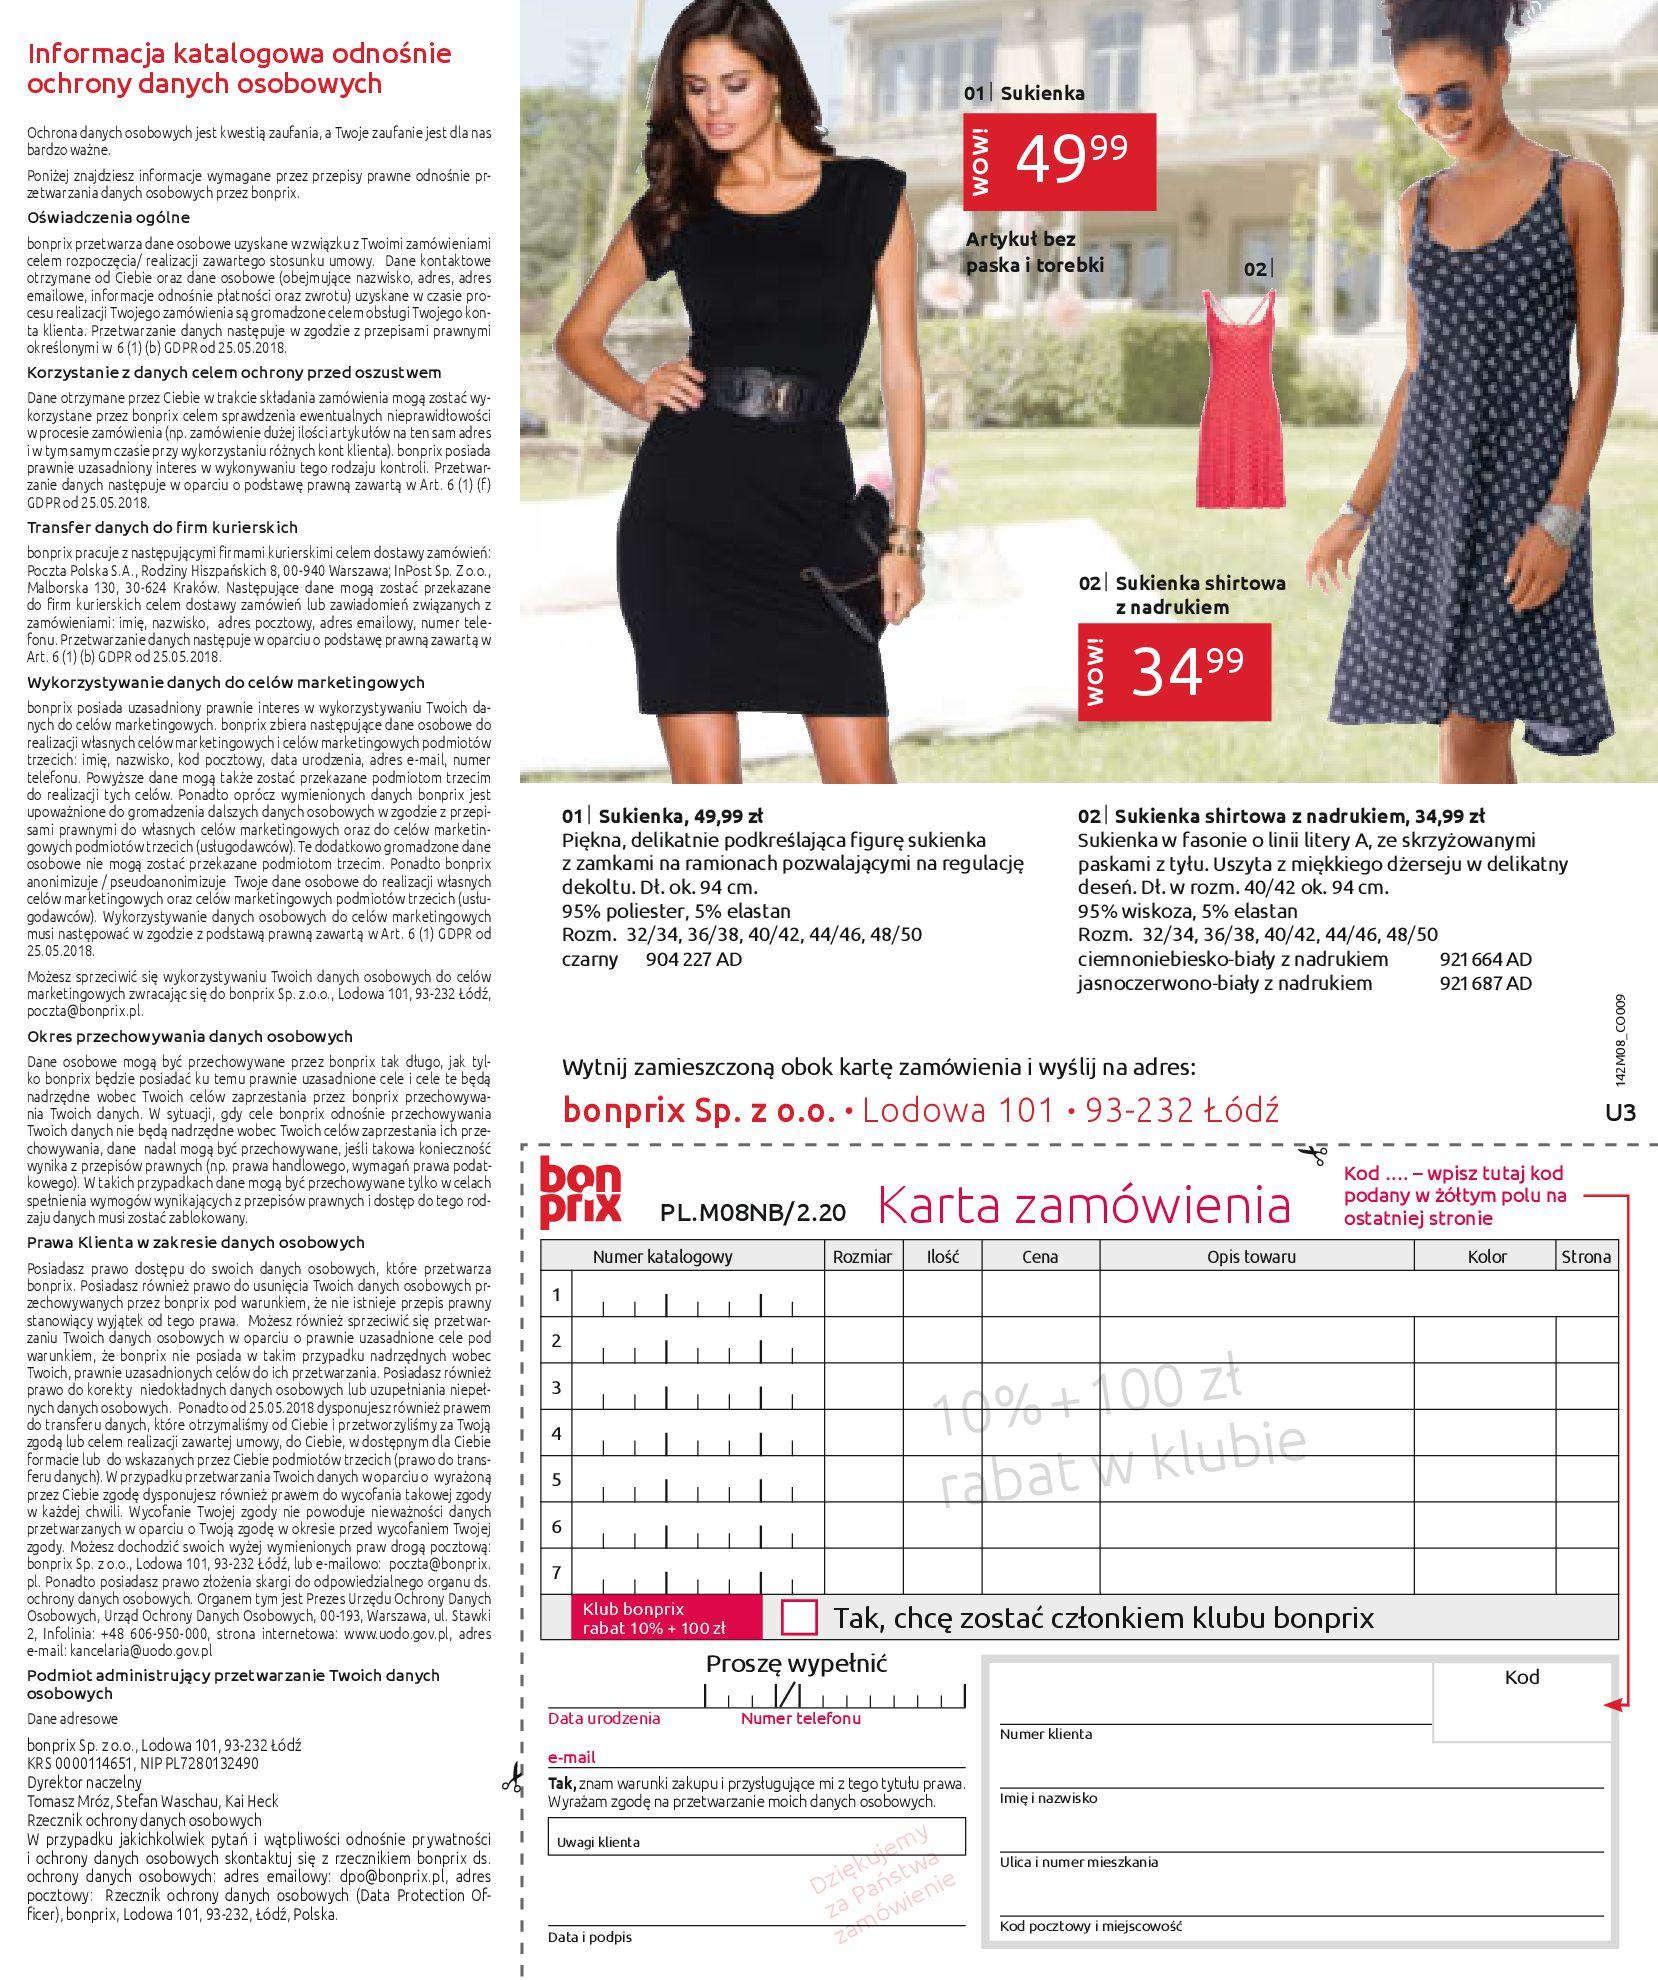 Gazetka Bonprix - Hity dżinsowej mody!-25.08.2020-10.02.2021-page-147